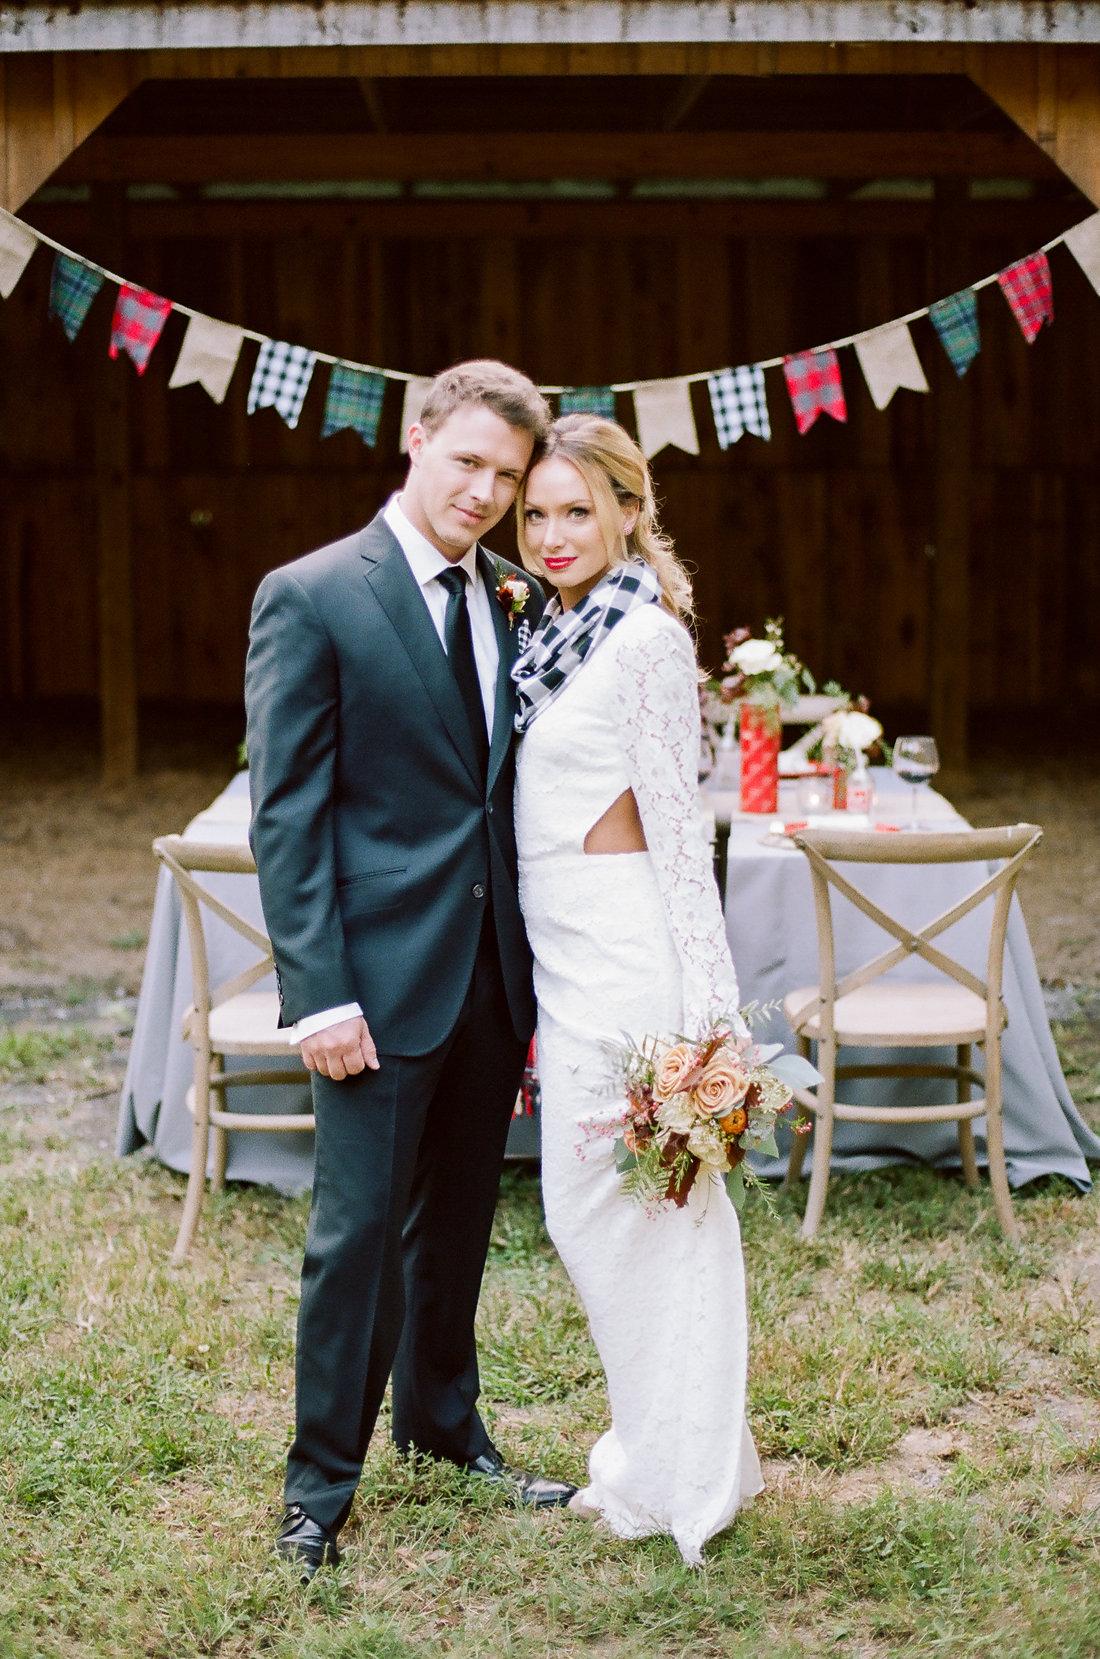 photo courtesy of jennahenderson.com